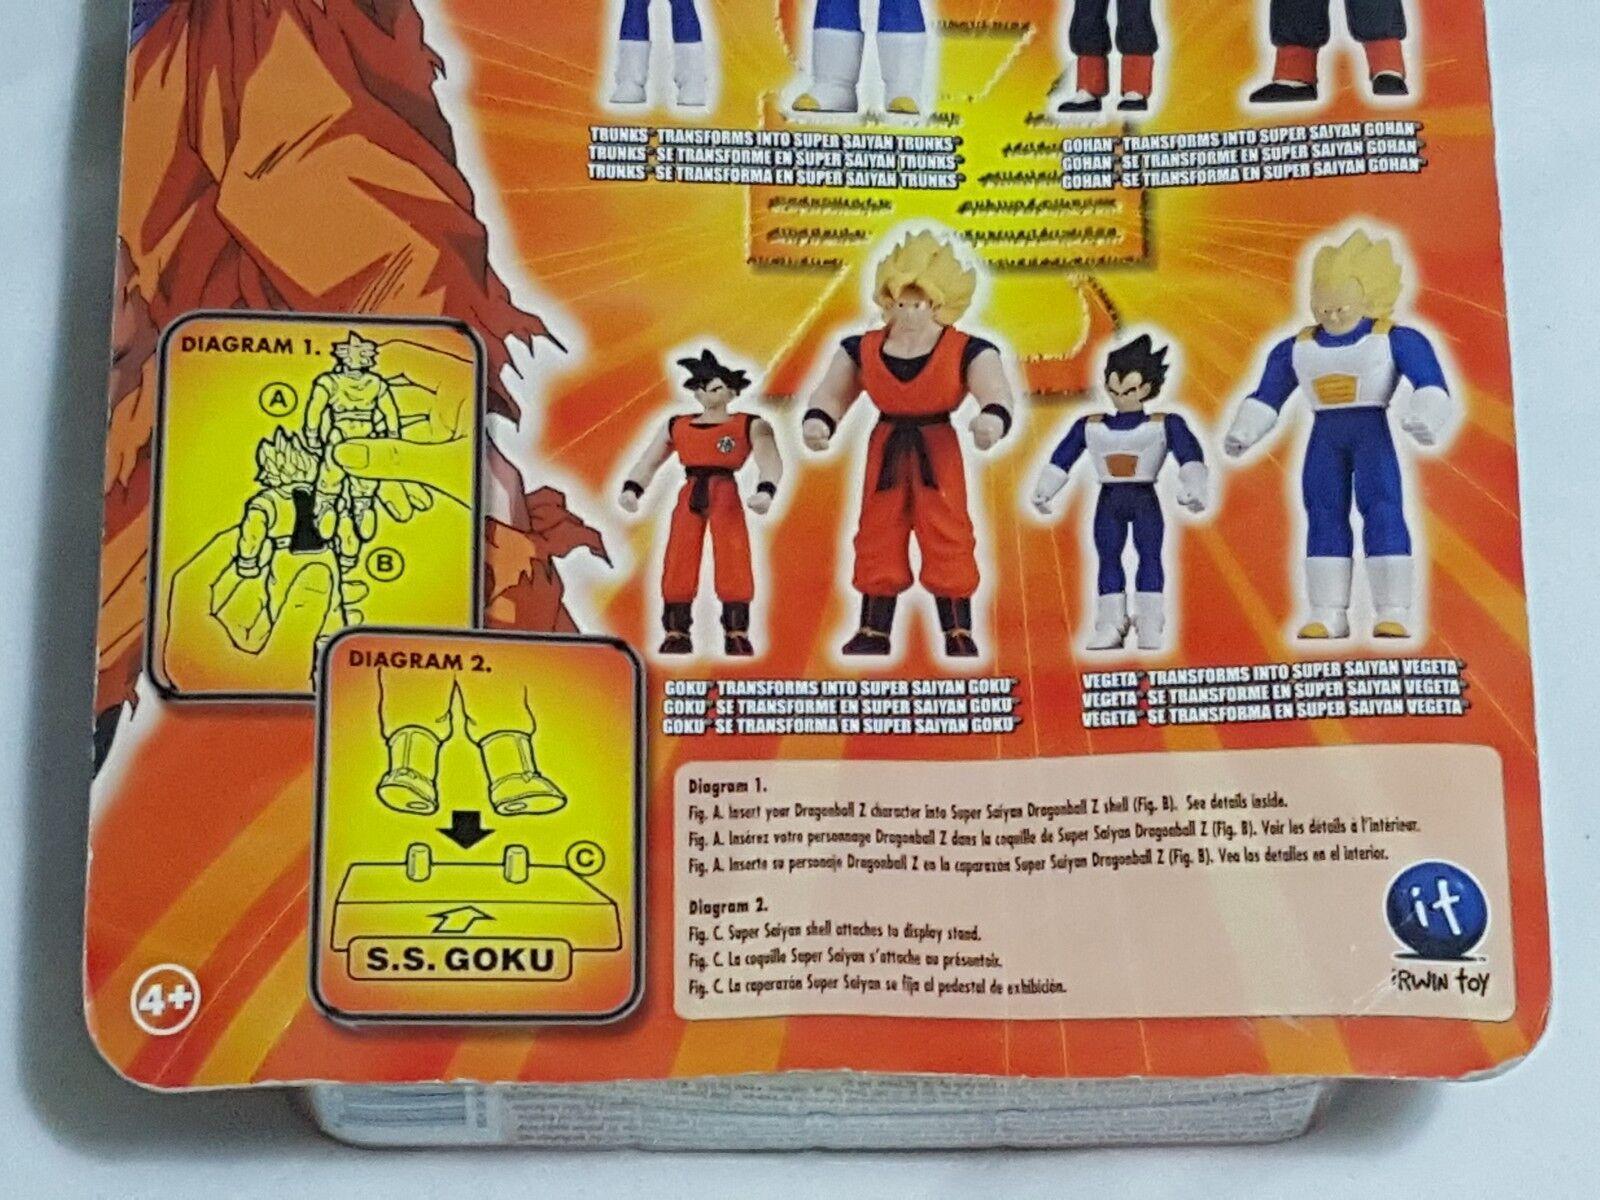 NEW NEW NEW (w Wear) DragonBall Z Secret Saiyan Warriors Goku & S.S. Goku Figures SEALED 9565bf